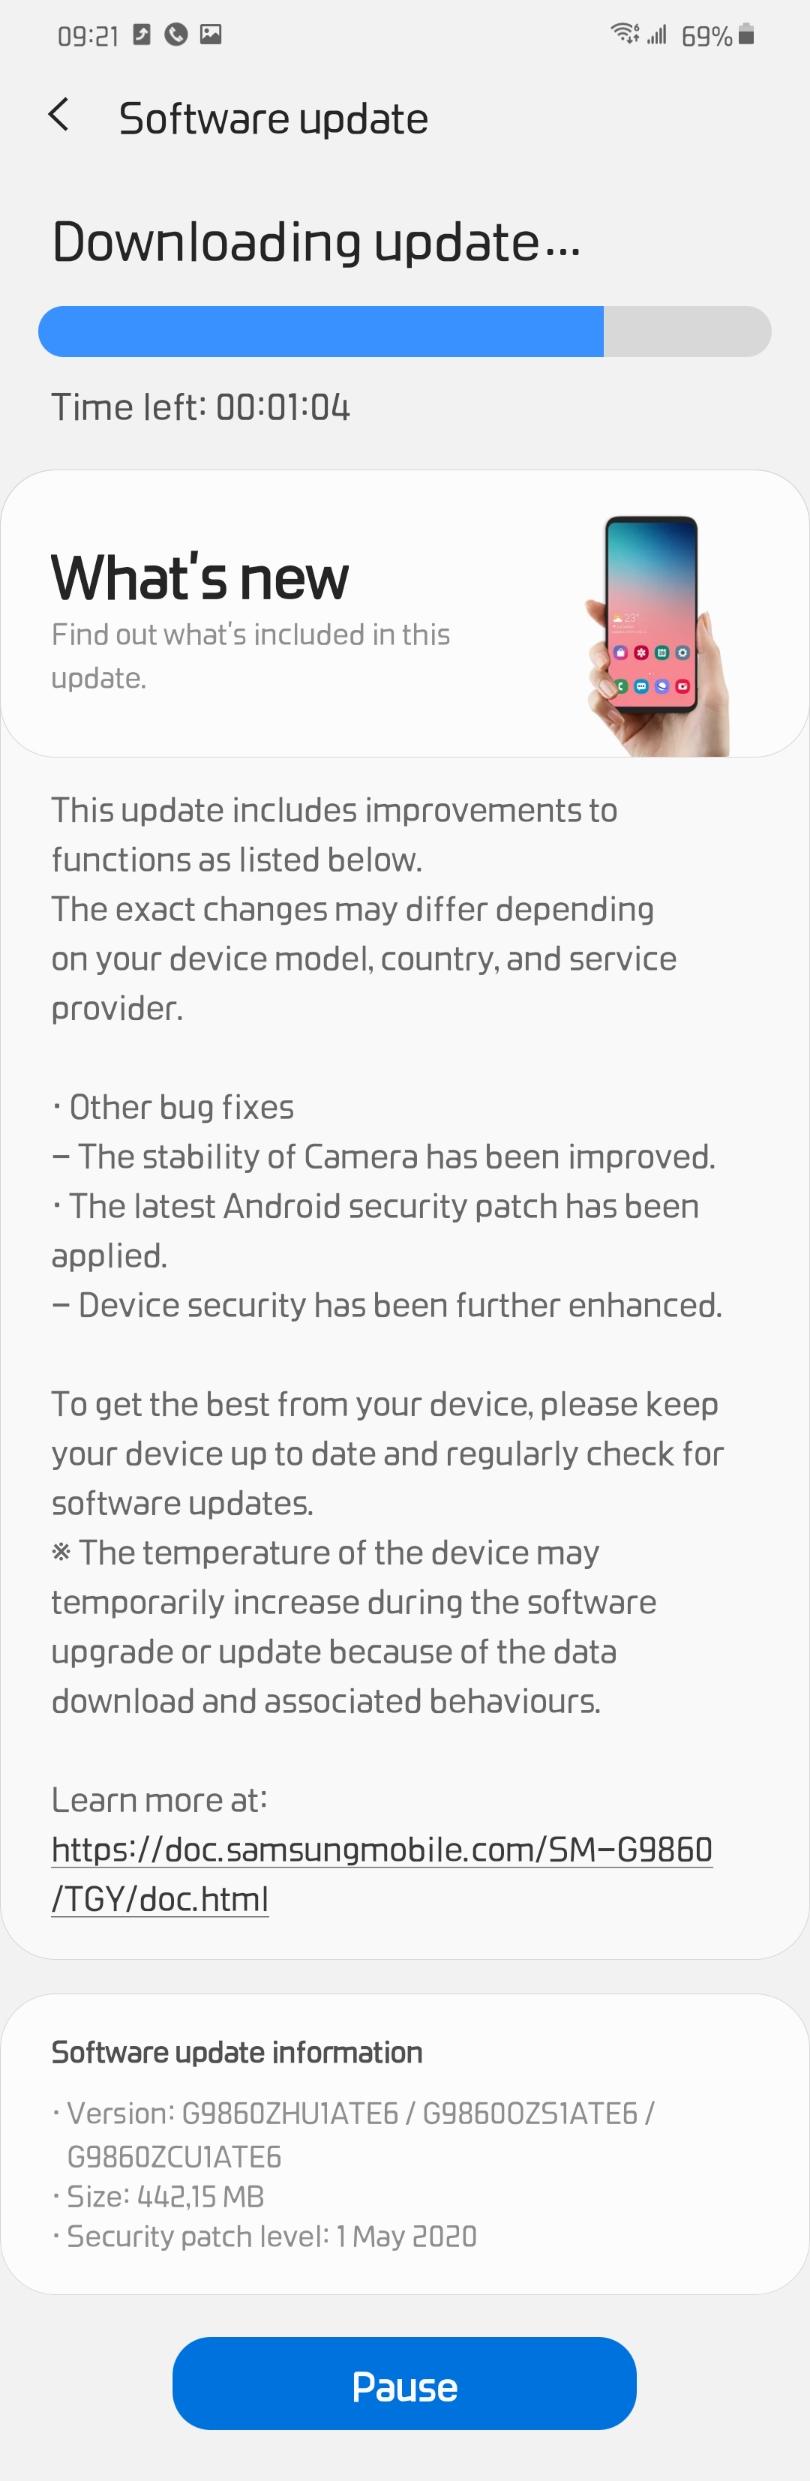 Screenshot_20200525-092154_Software update.jpg